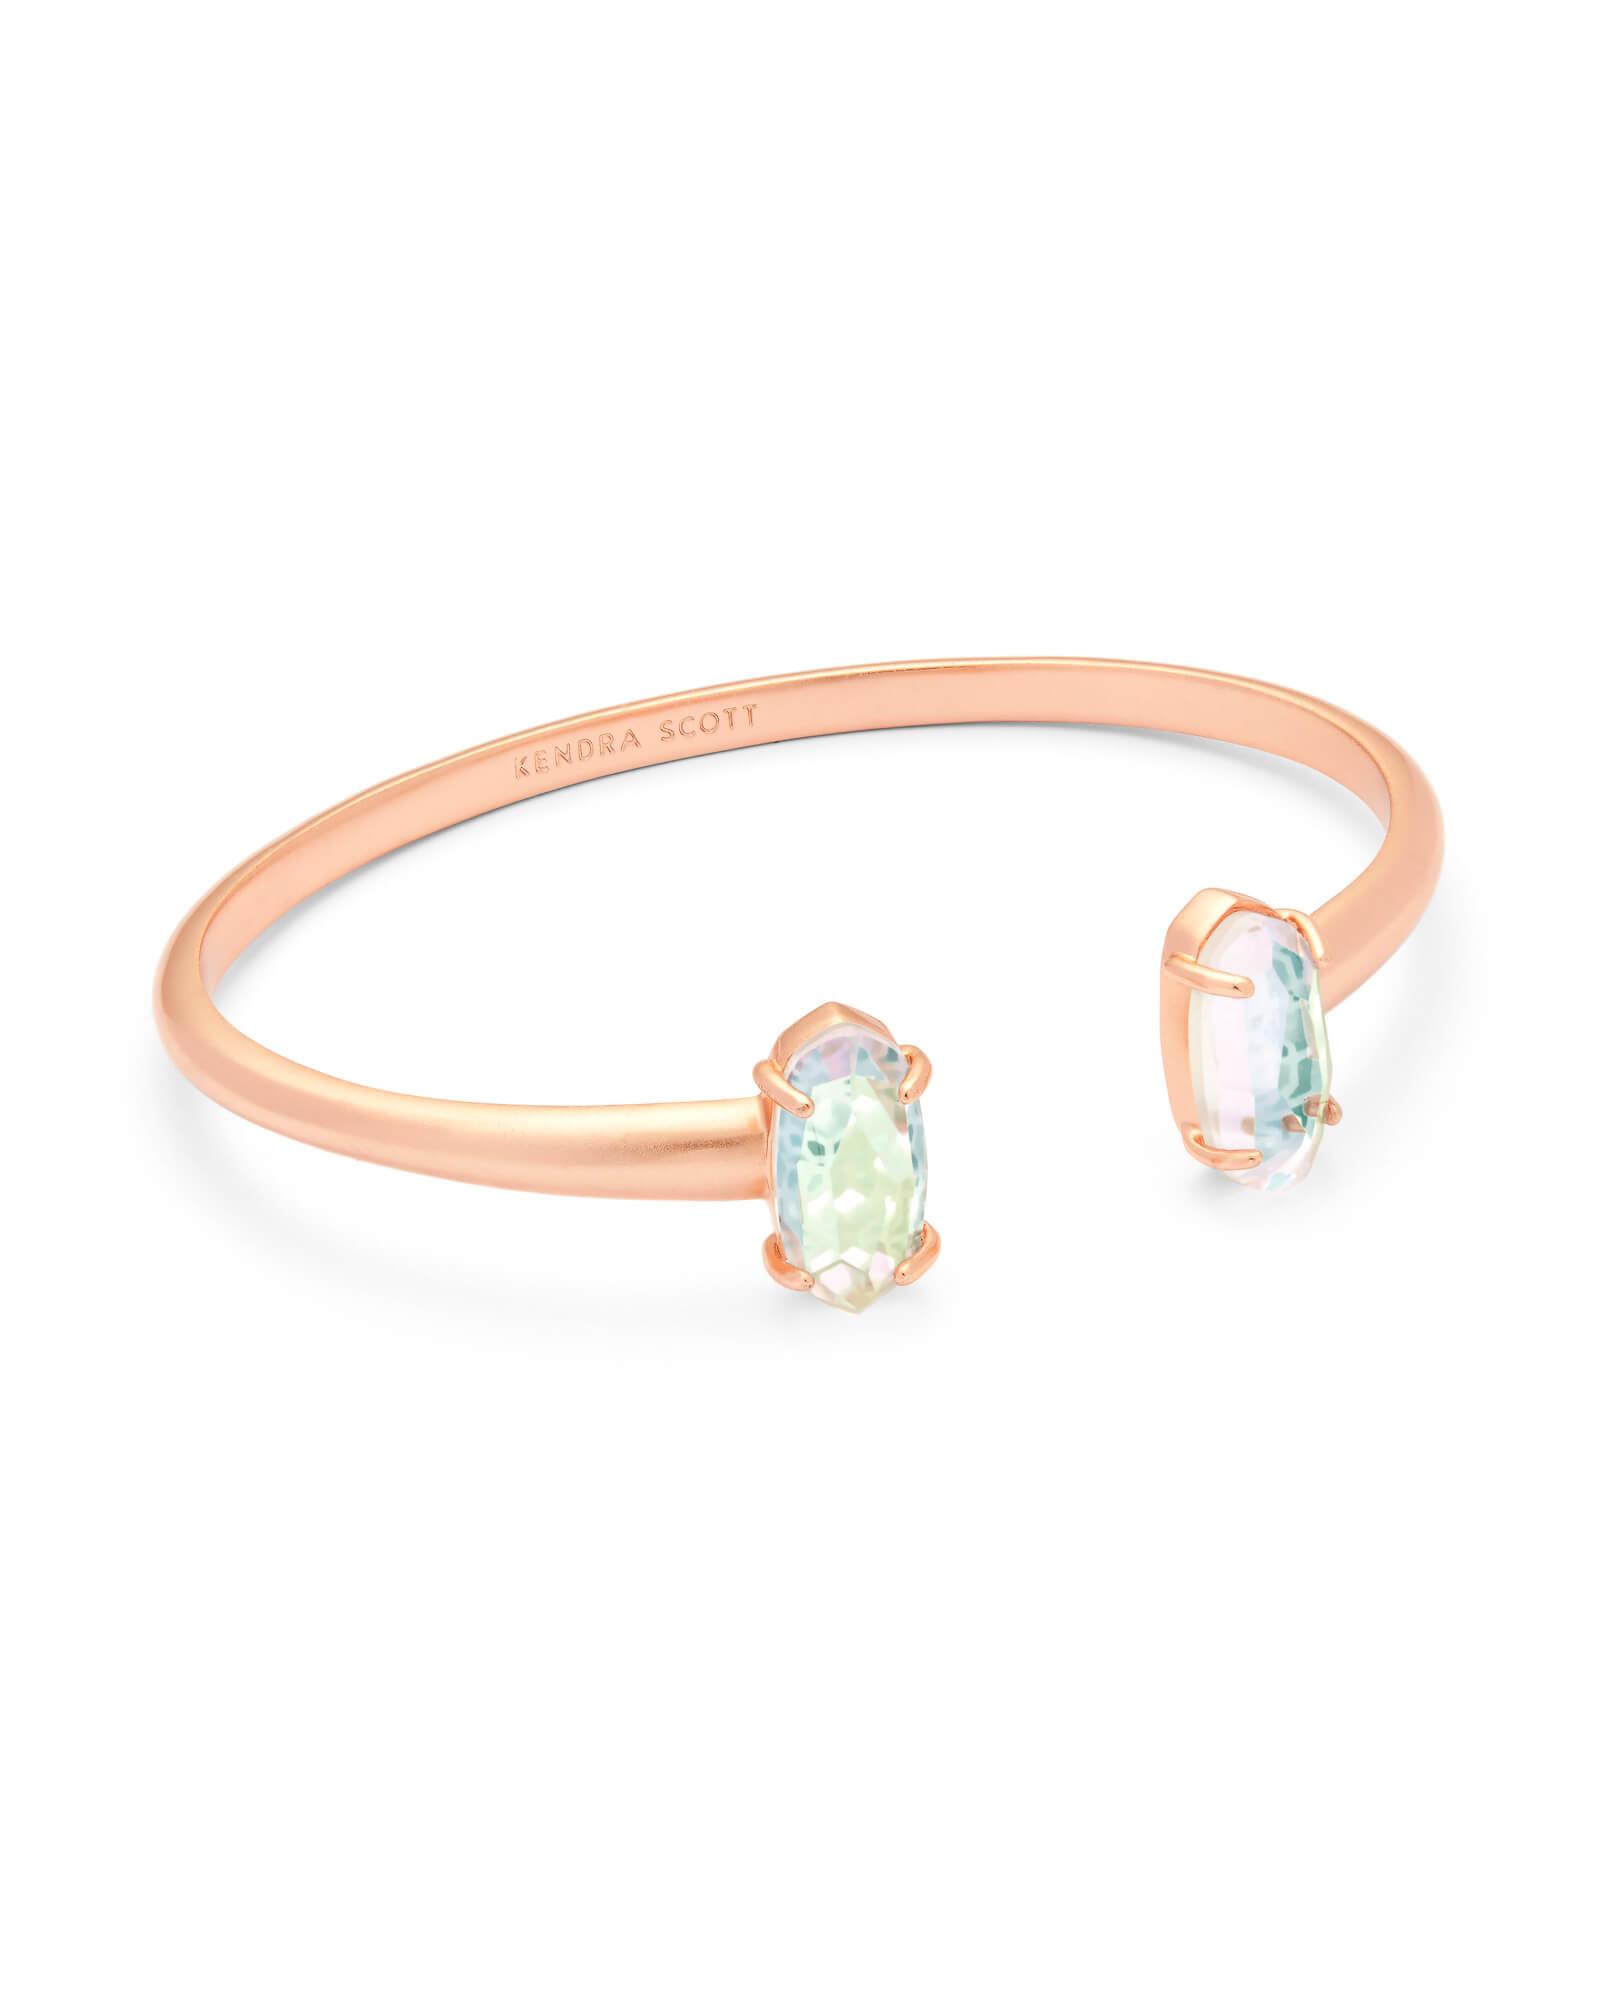 4ecd739a13e8f Edie Rose Gold Cuff Bracelet in Blush Dichroic Glass